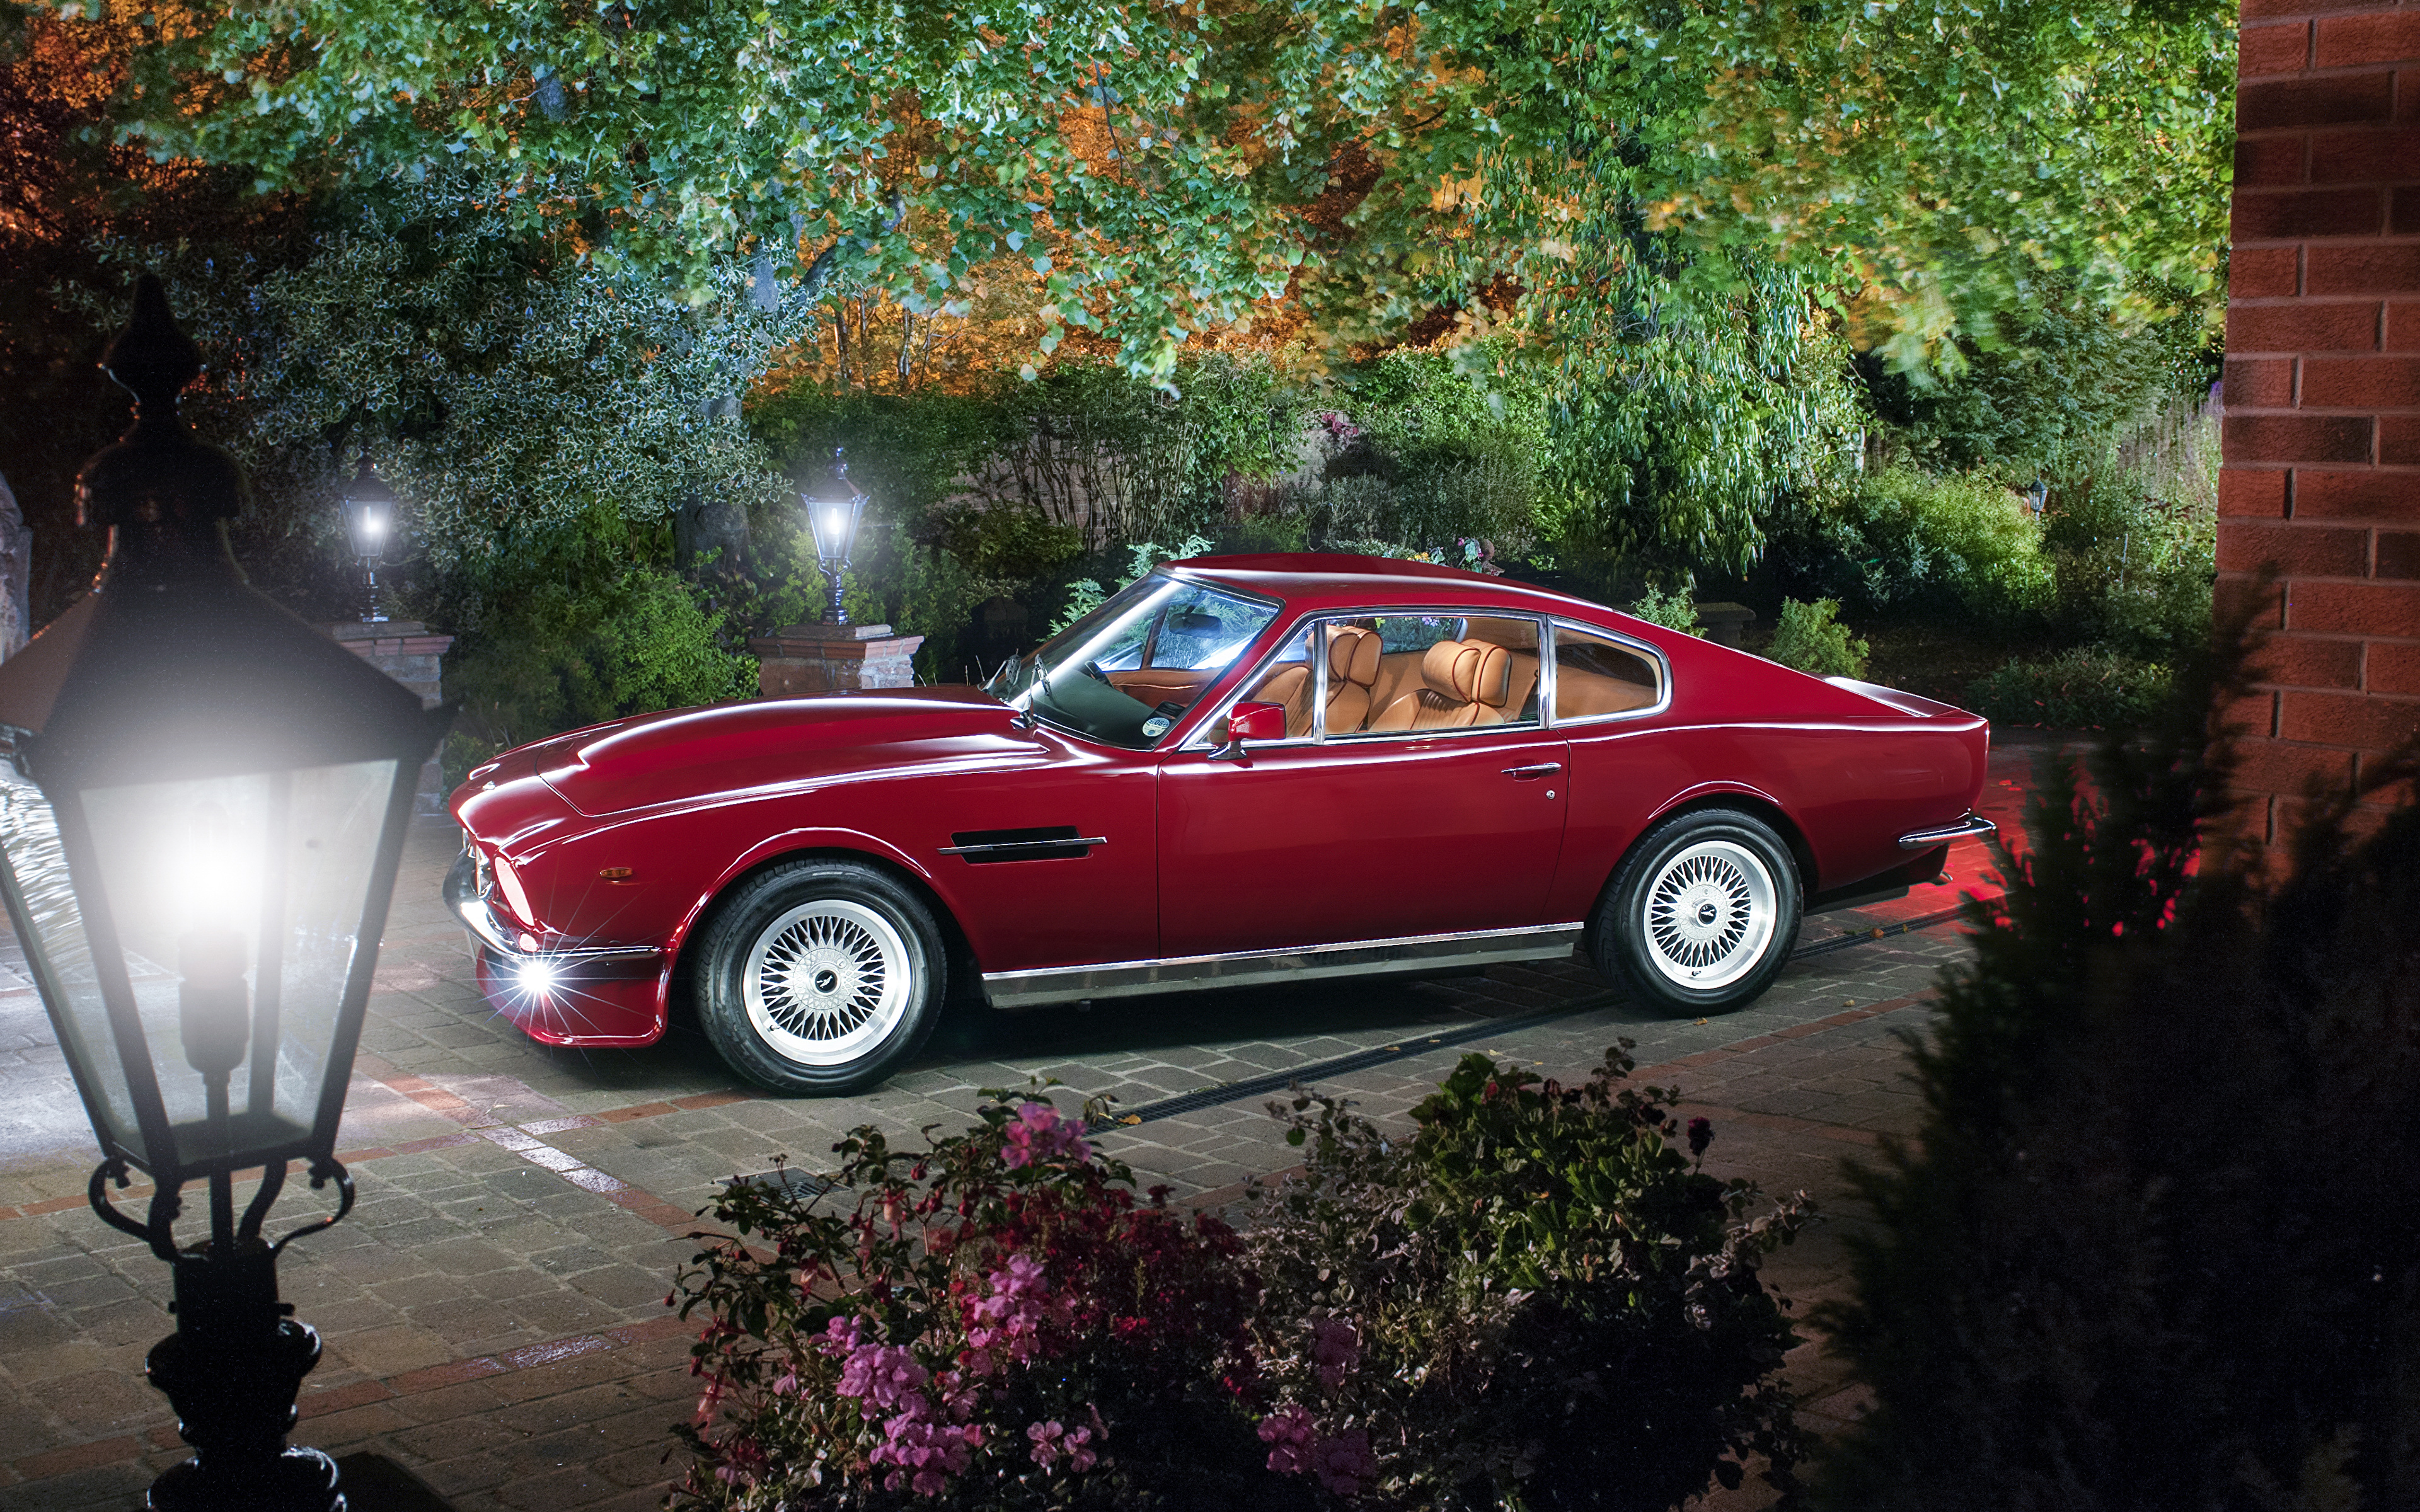 Papeis De Parede 3840x2400 Aston Martin Retro 1977 89 V8 Vantage Vermelho Metalico Carros Baixar Imagens